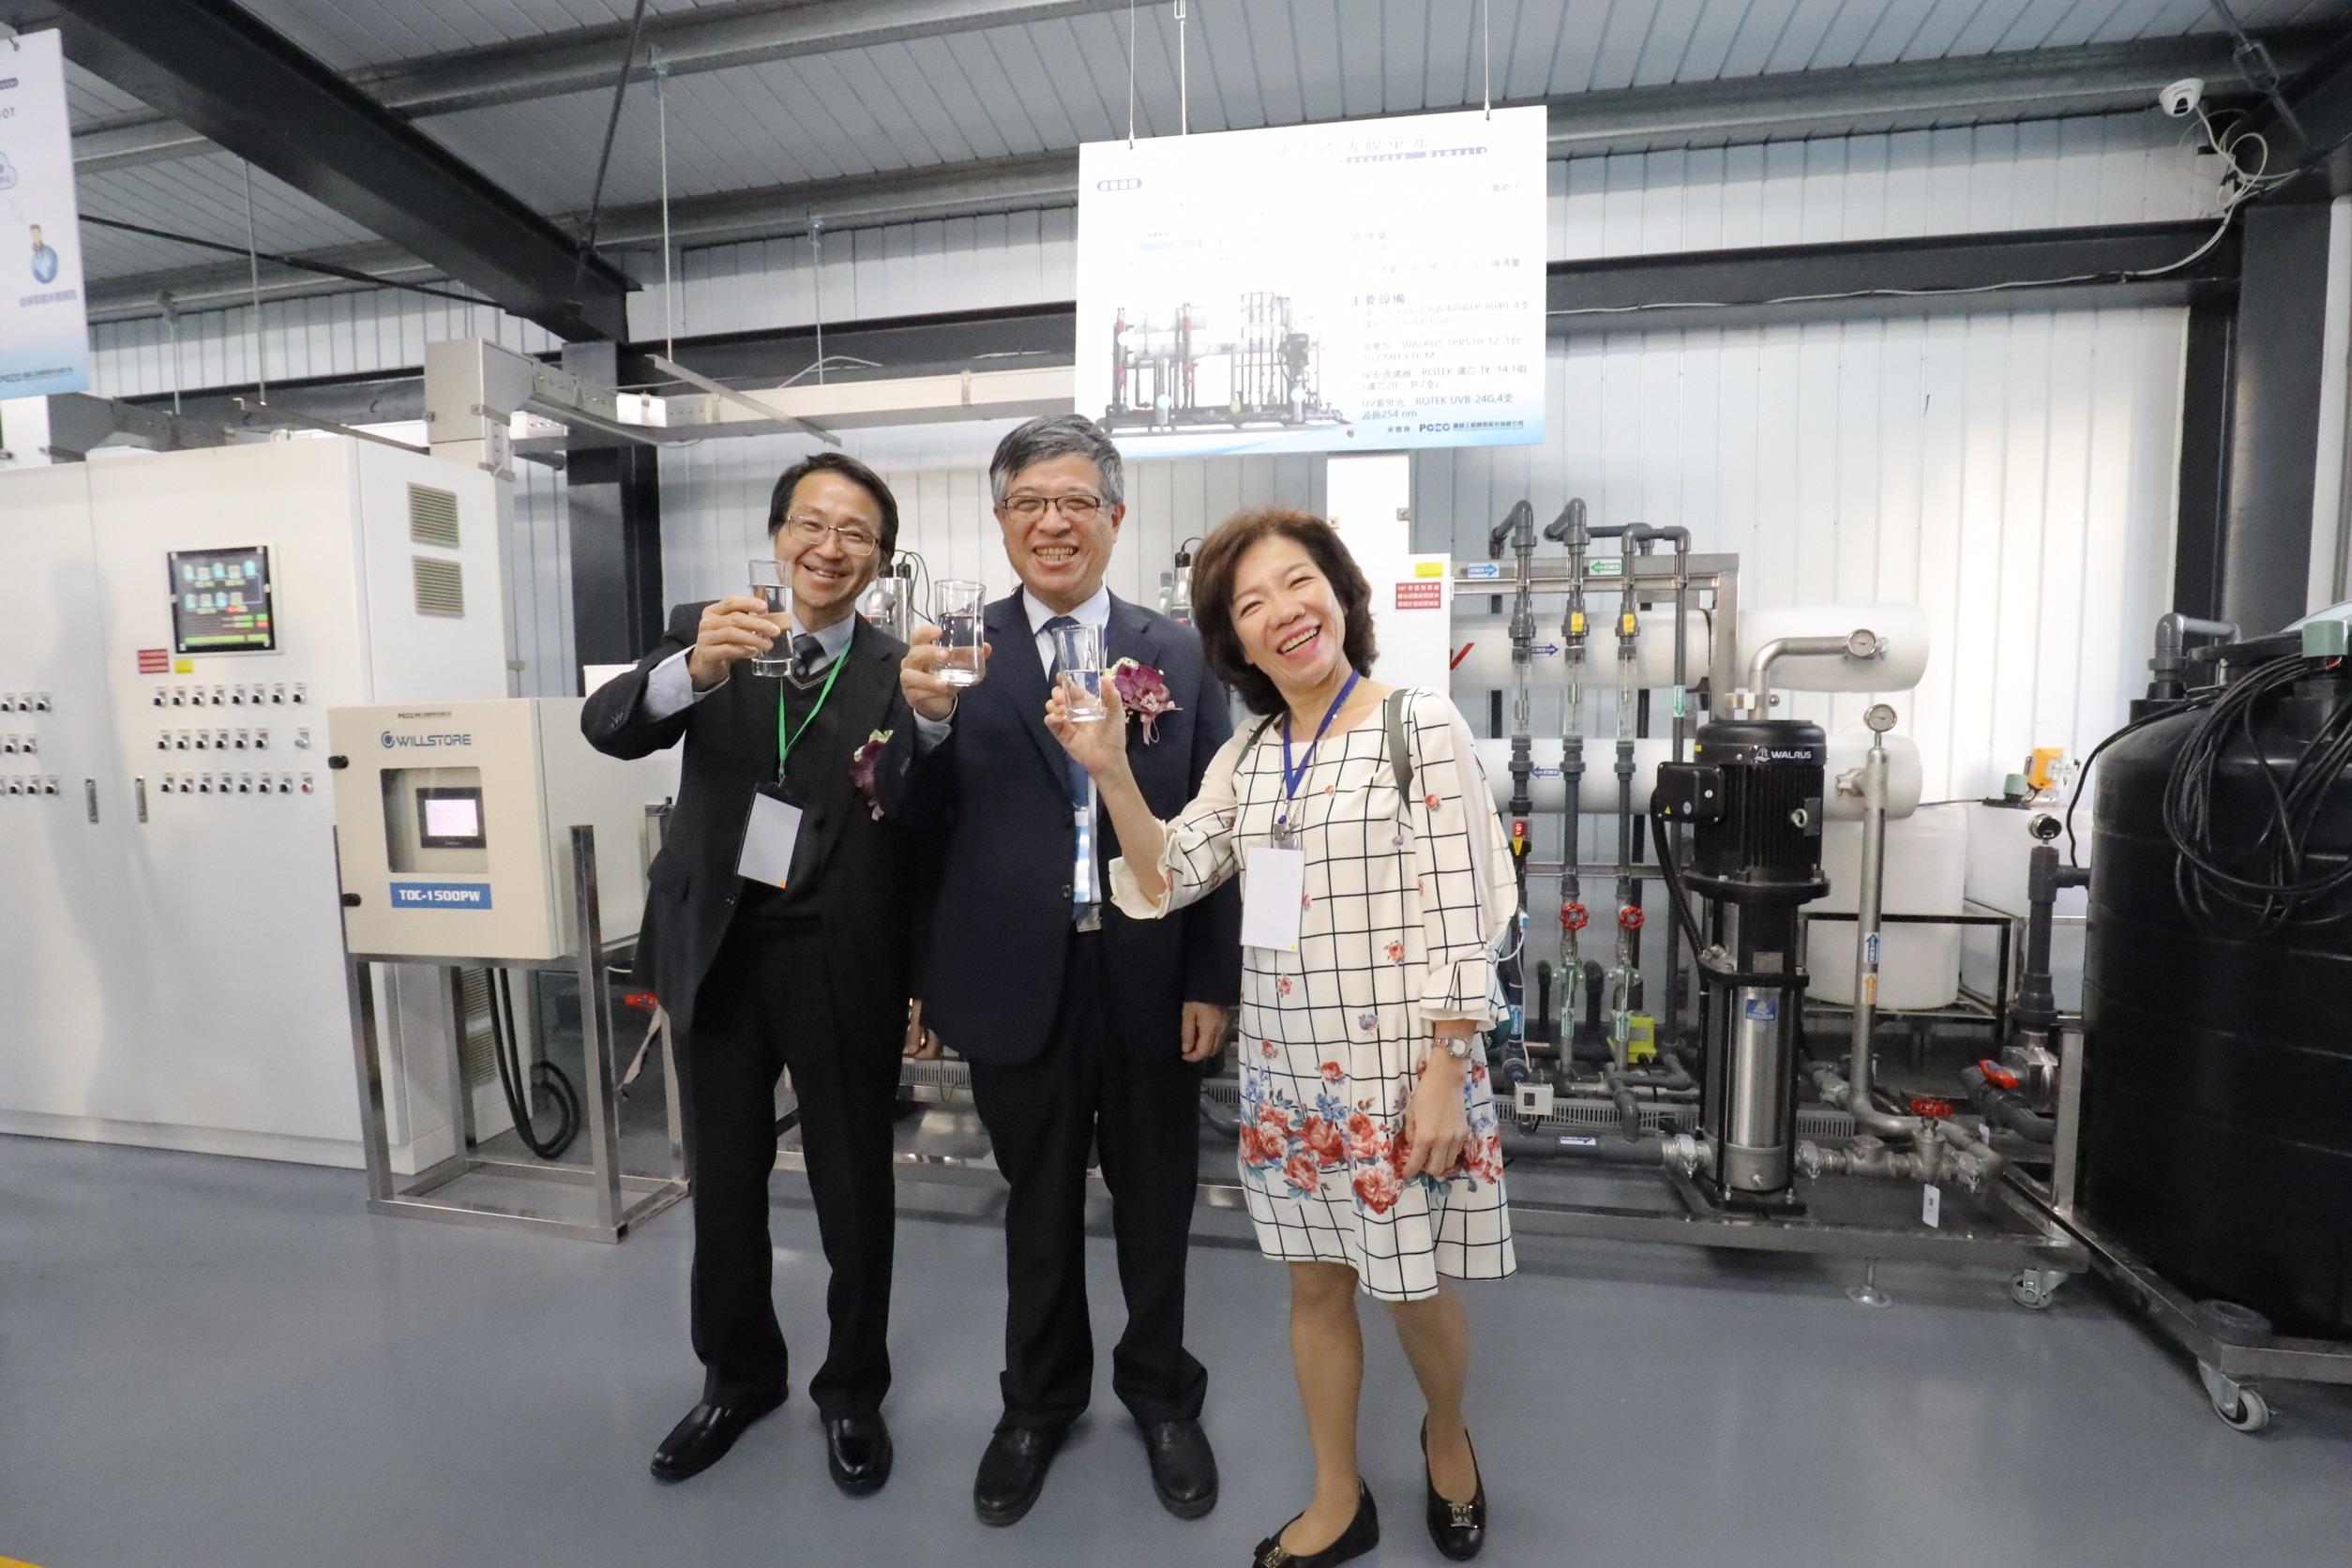 嘉藥校長陳鴻助、教育部政務次長劉孟奇及技職司司長楊玉惠(左至右)見證再生水的成果